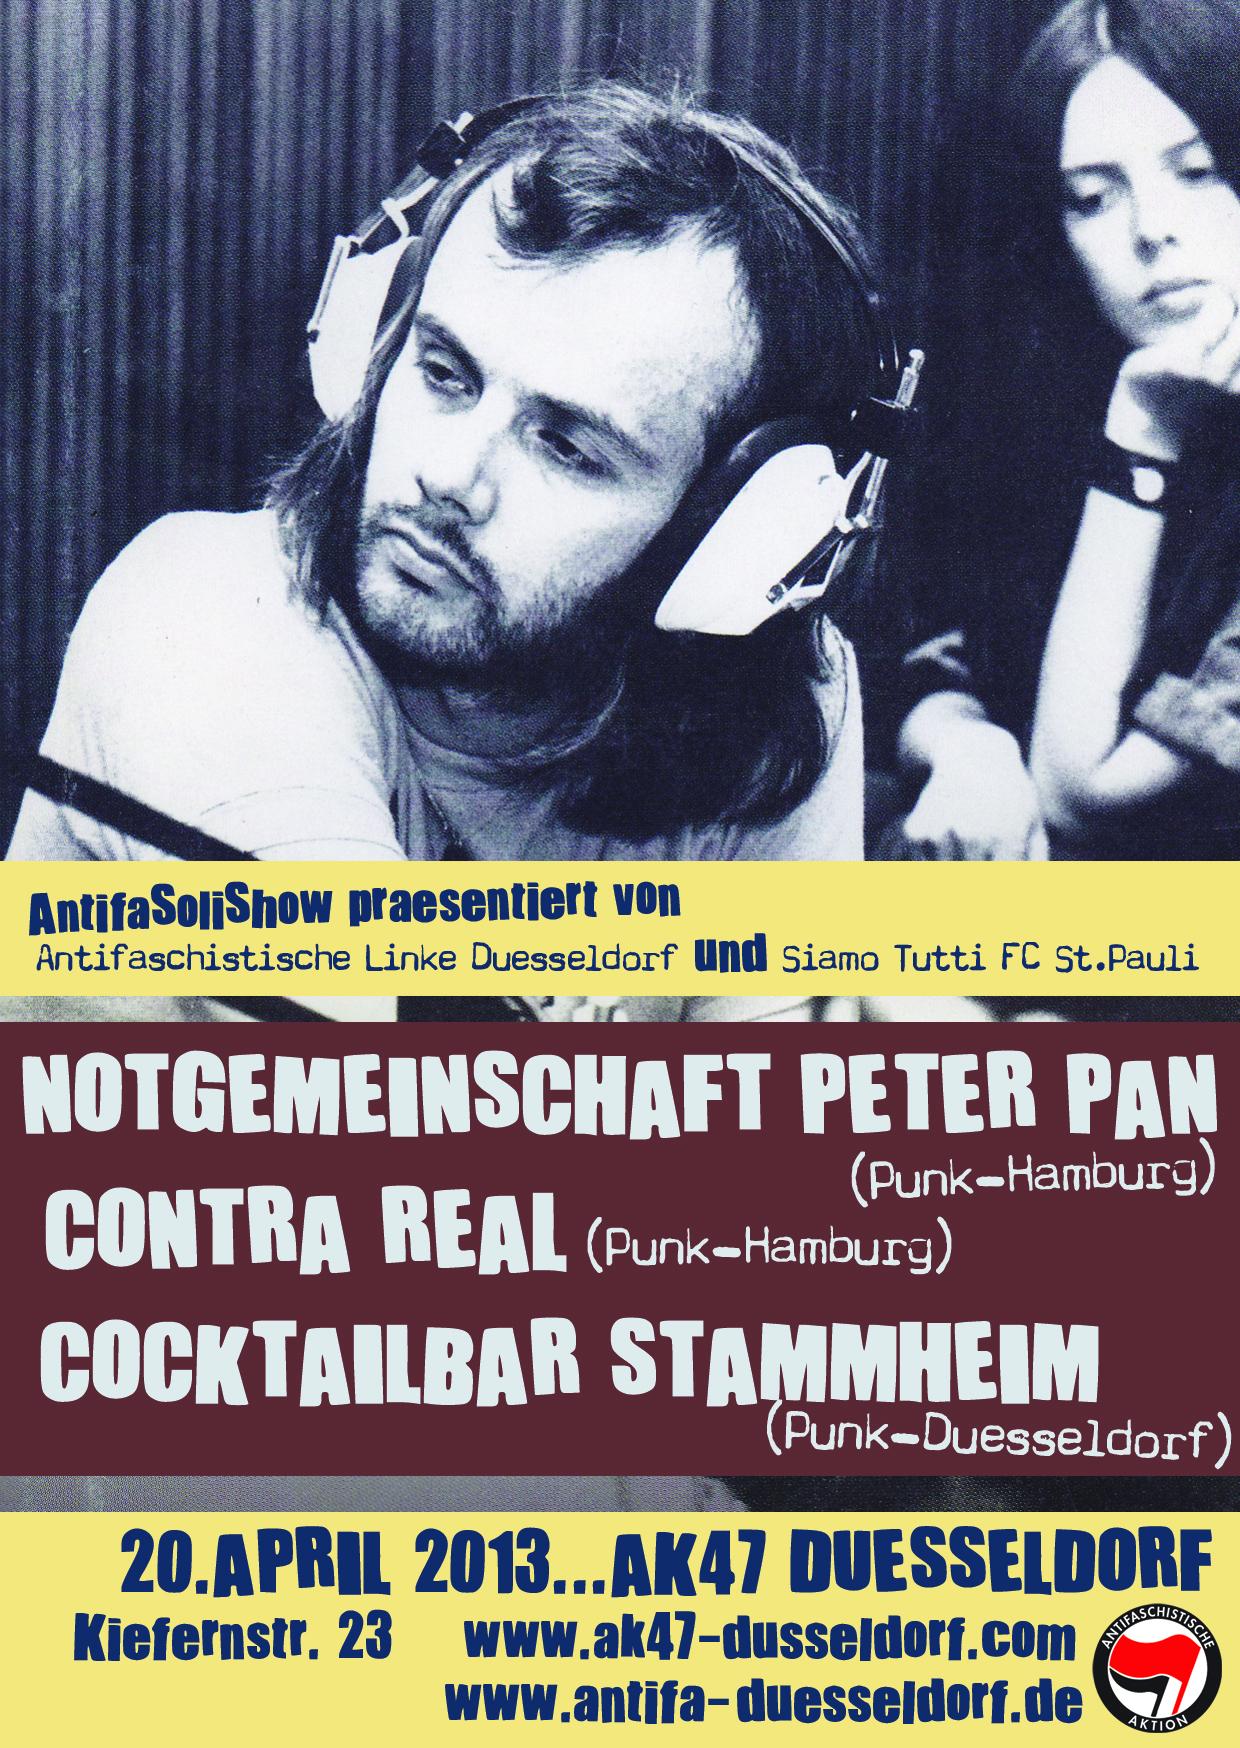 KonzertNotgemeinschaftPeterPan